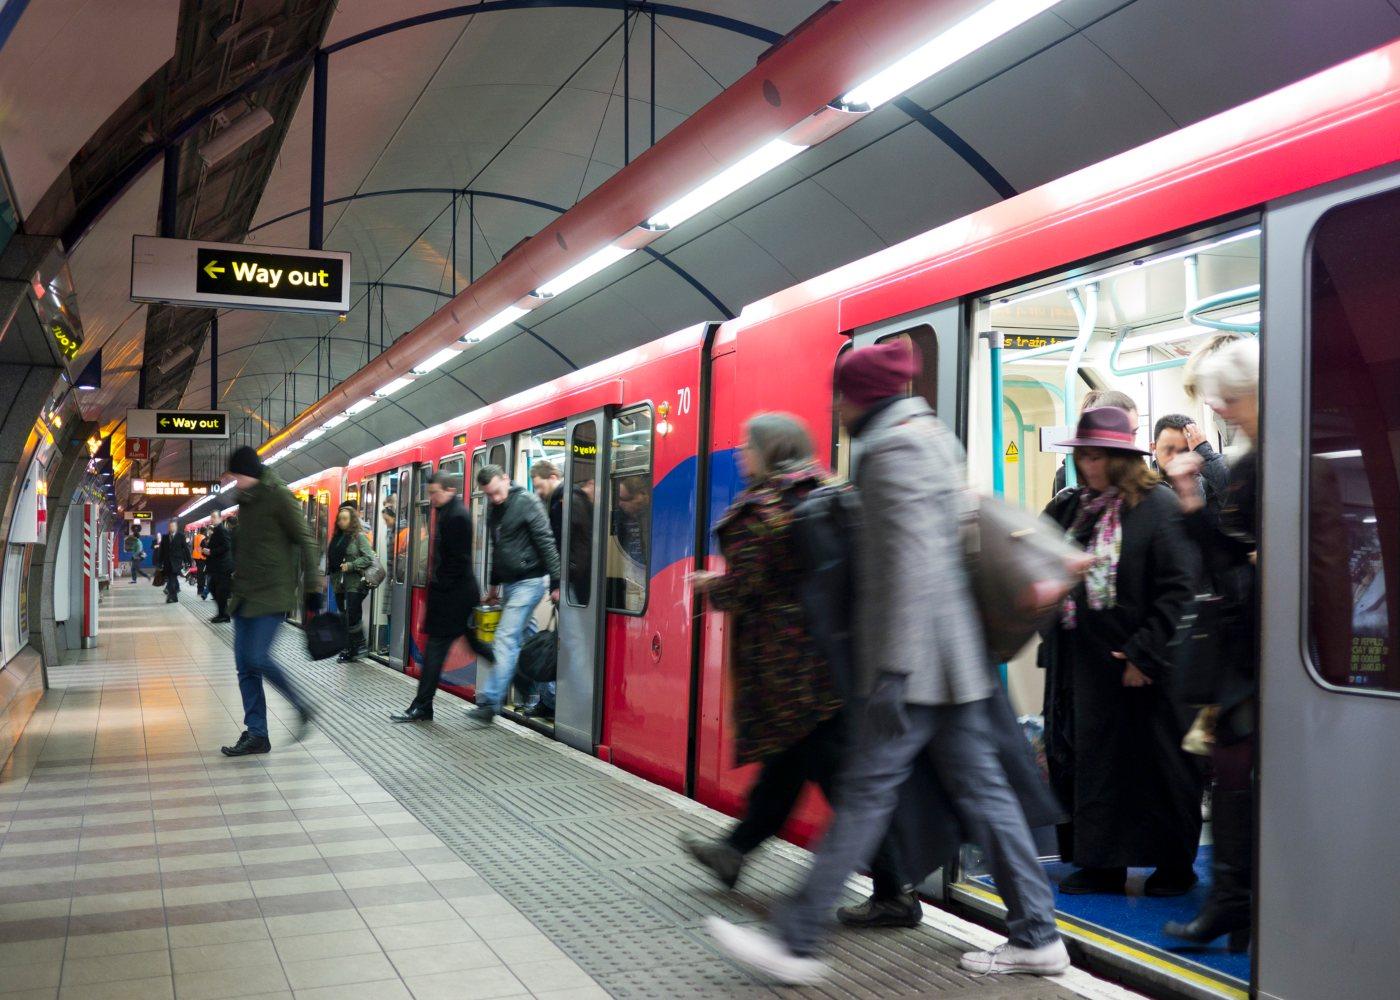 passageiros a sair do metro